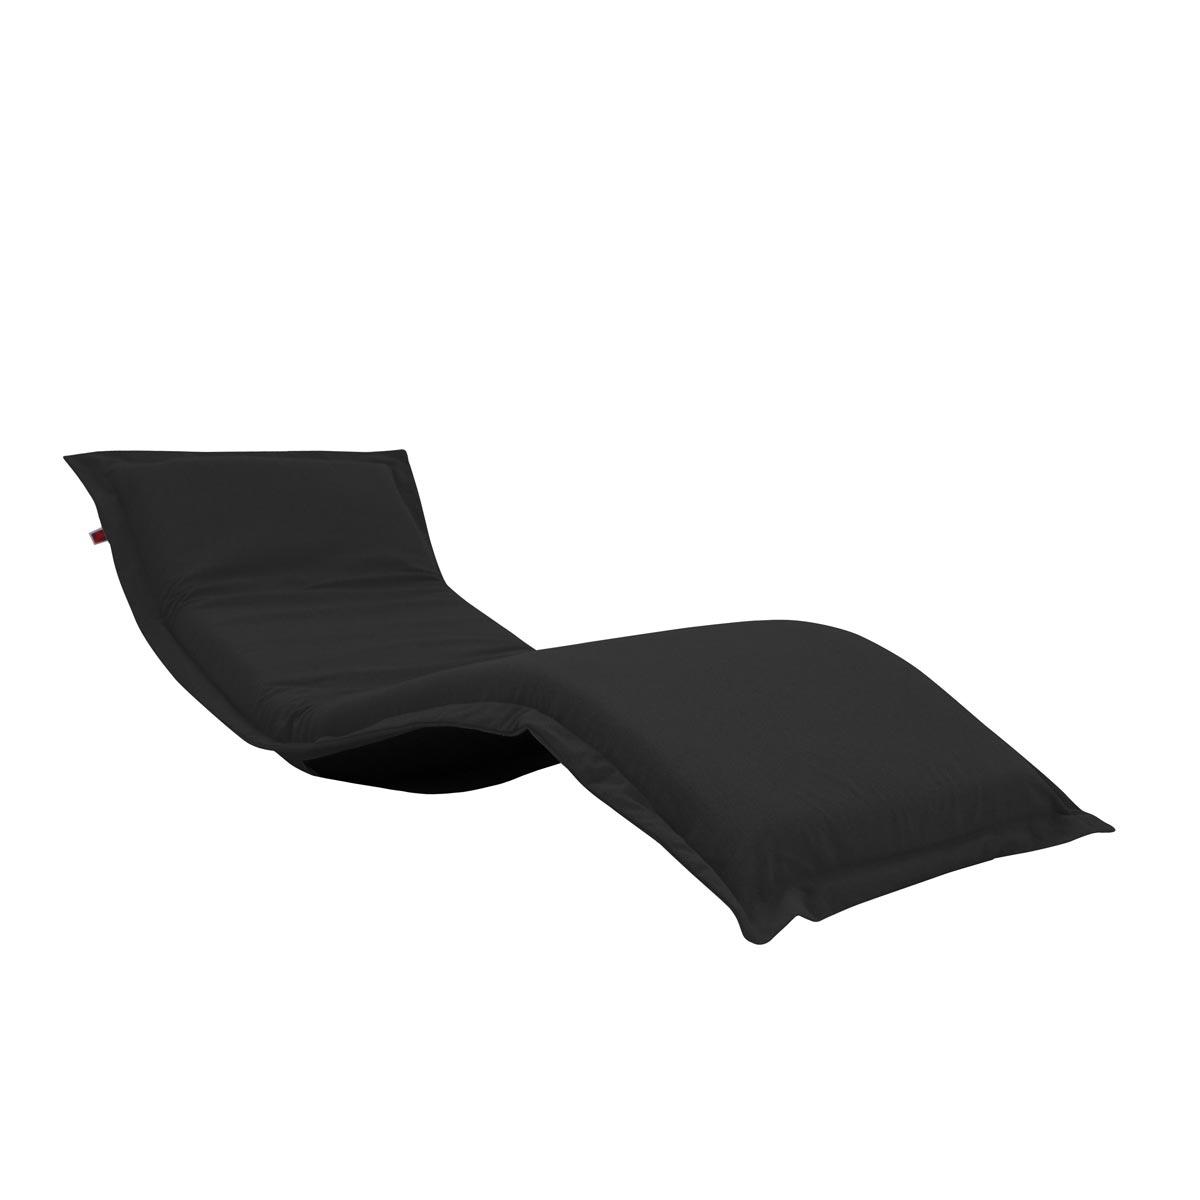 Pufe ClicClac Uno Lounge Tecido Ecolona Preto 02 05